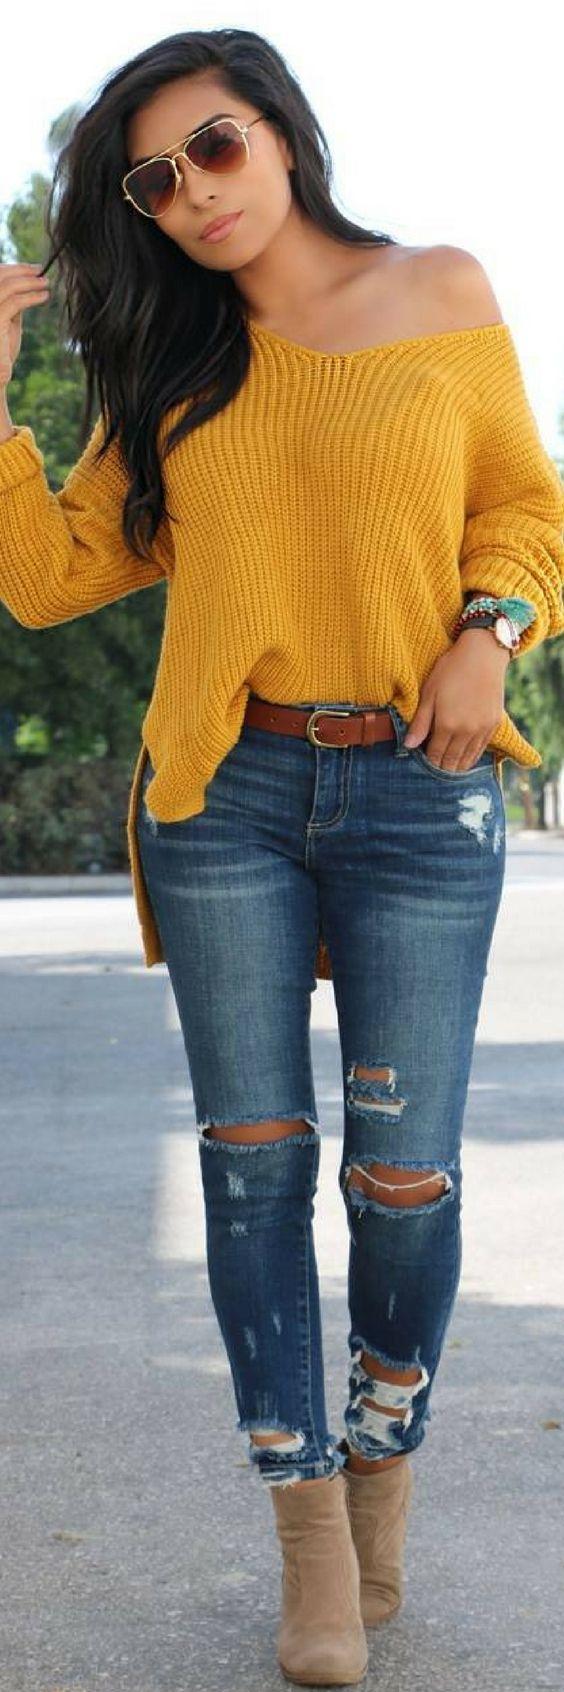 Best 25  Mustard sweater ideas on Pinterest | Mustard sweater ...